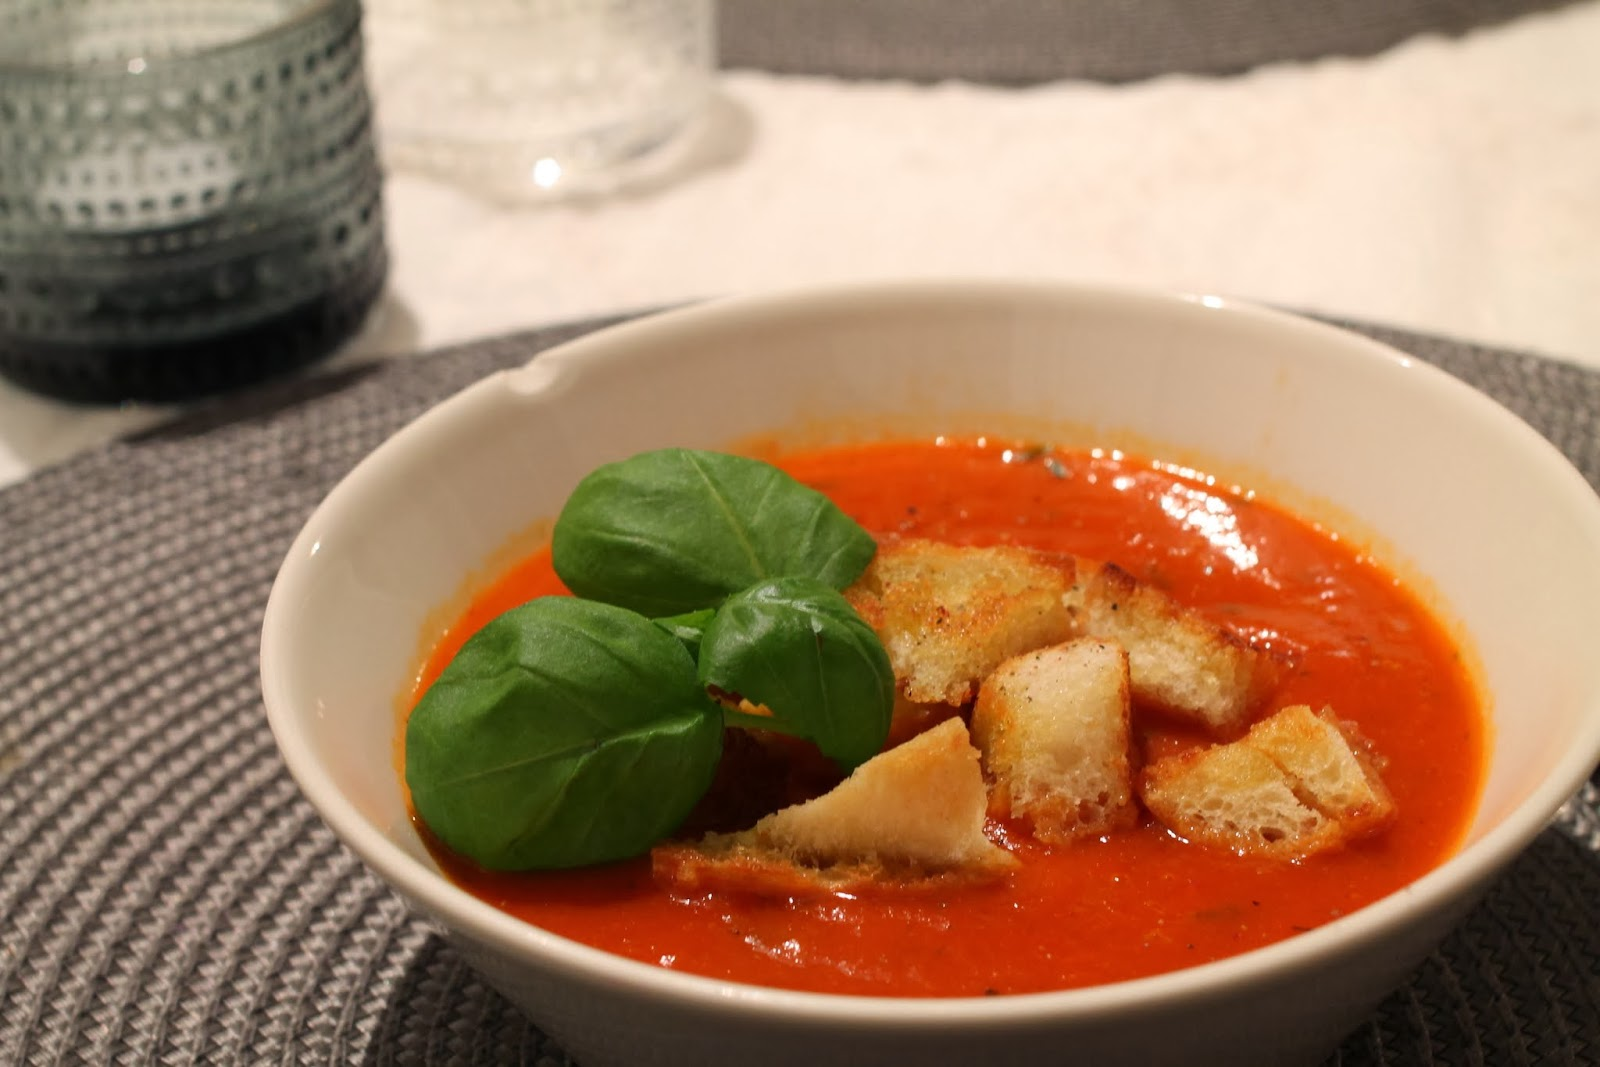 paahdettu paprika-tomaattikeitto, tomaattisosekeitto